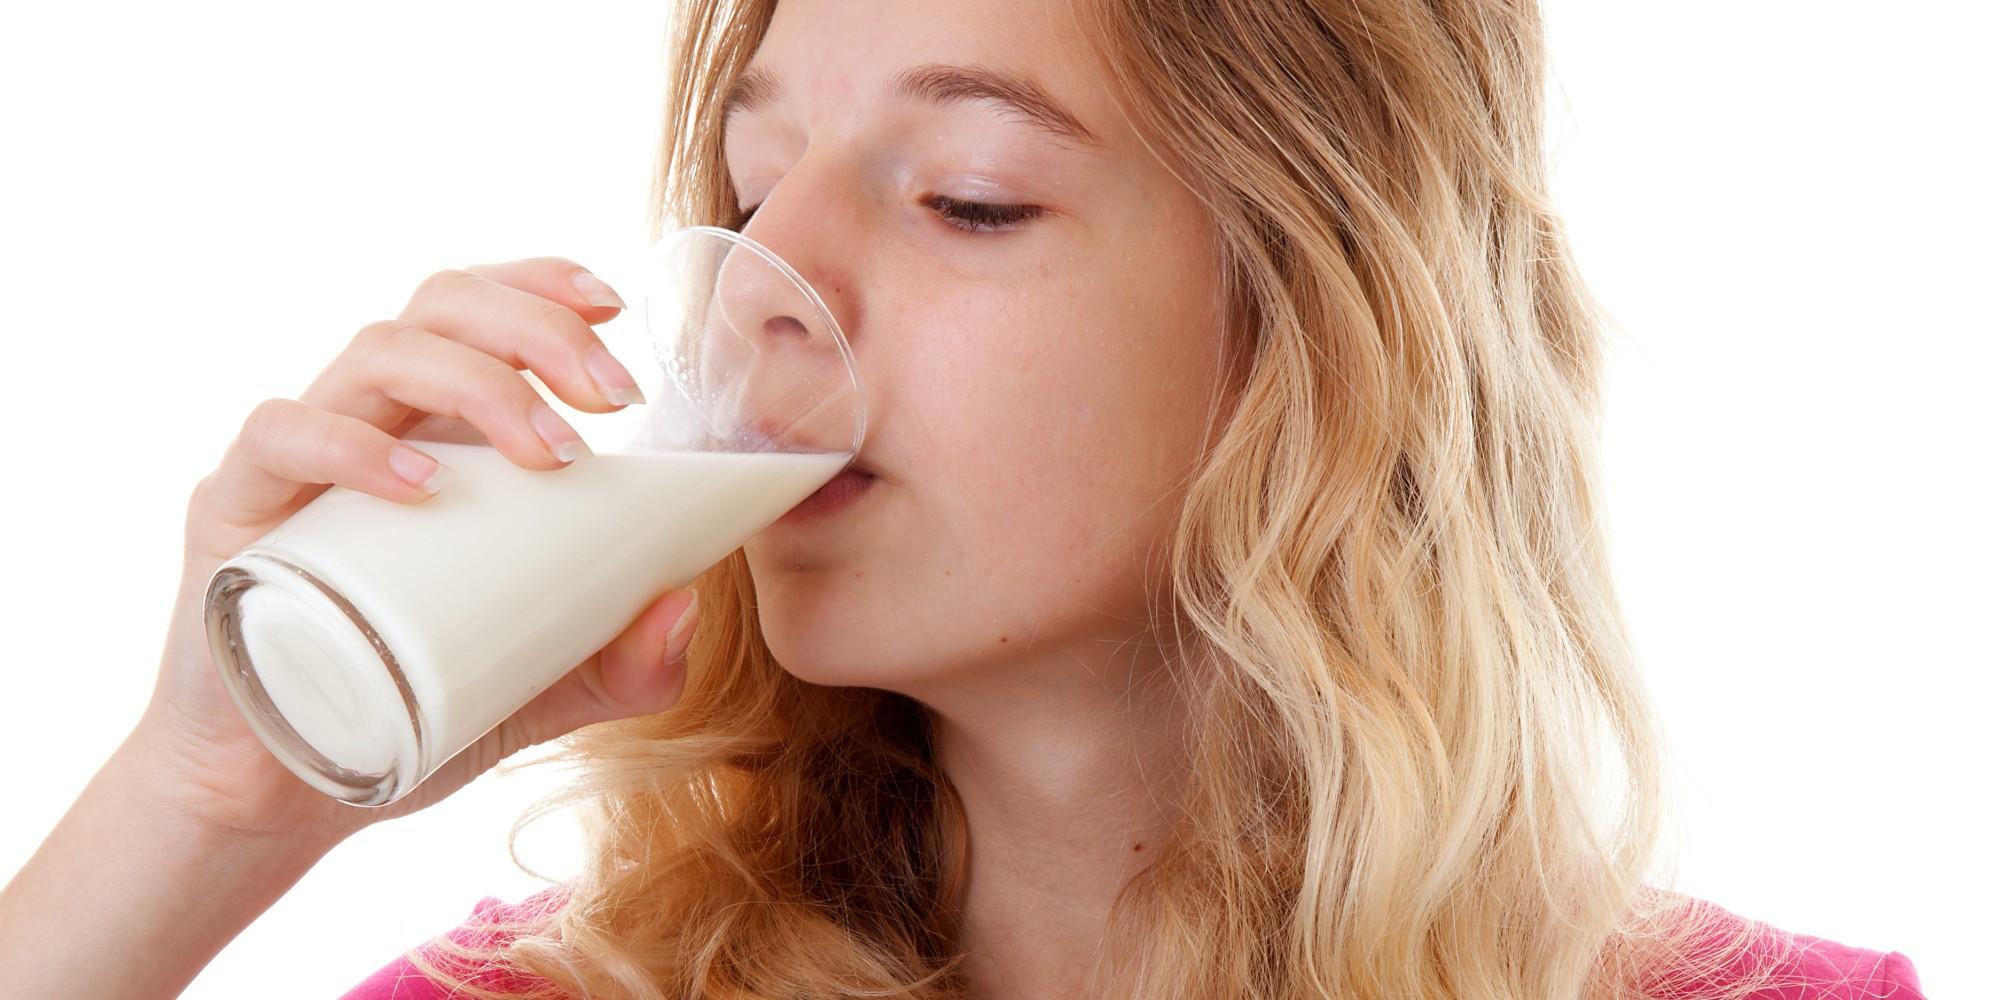 Ternyata Susu Juga Bisa Mencegah Obesitas!